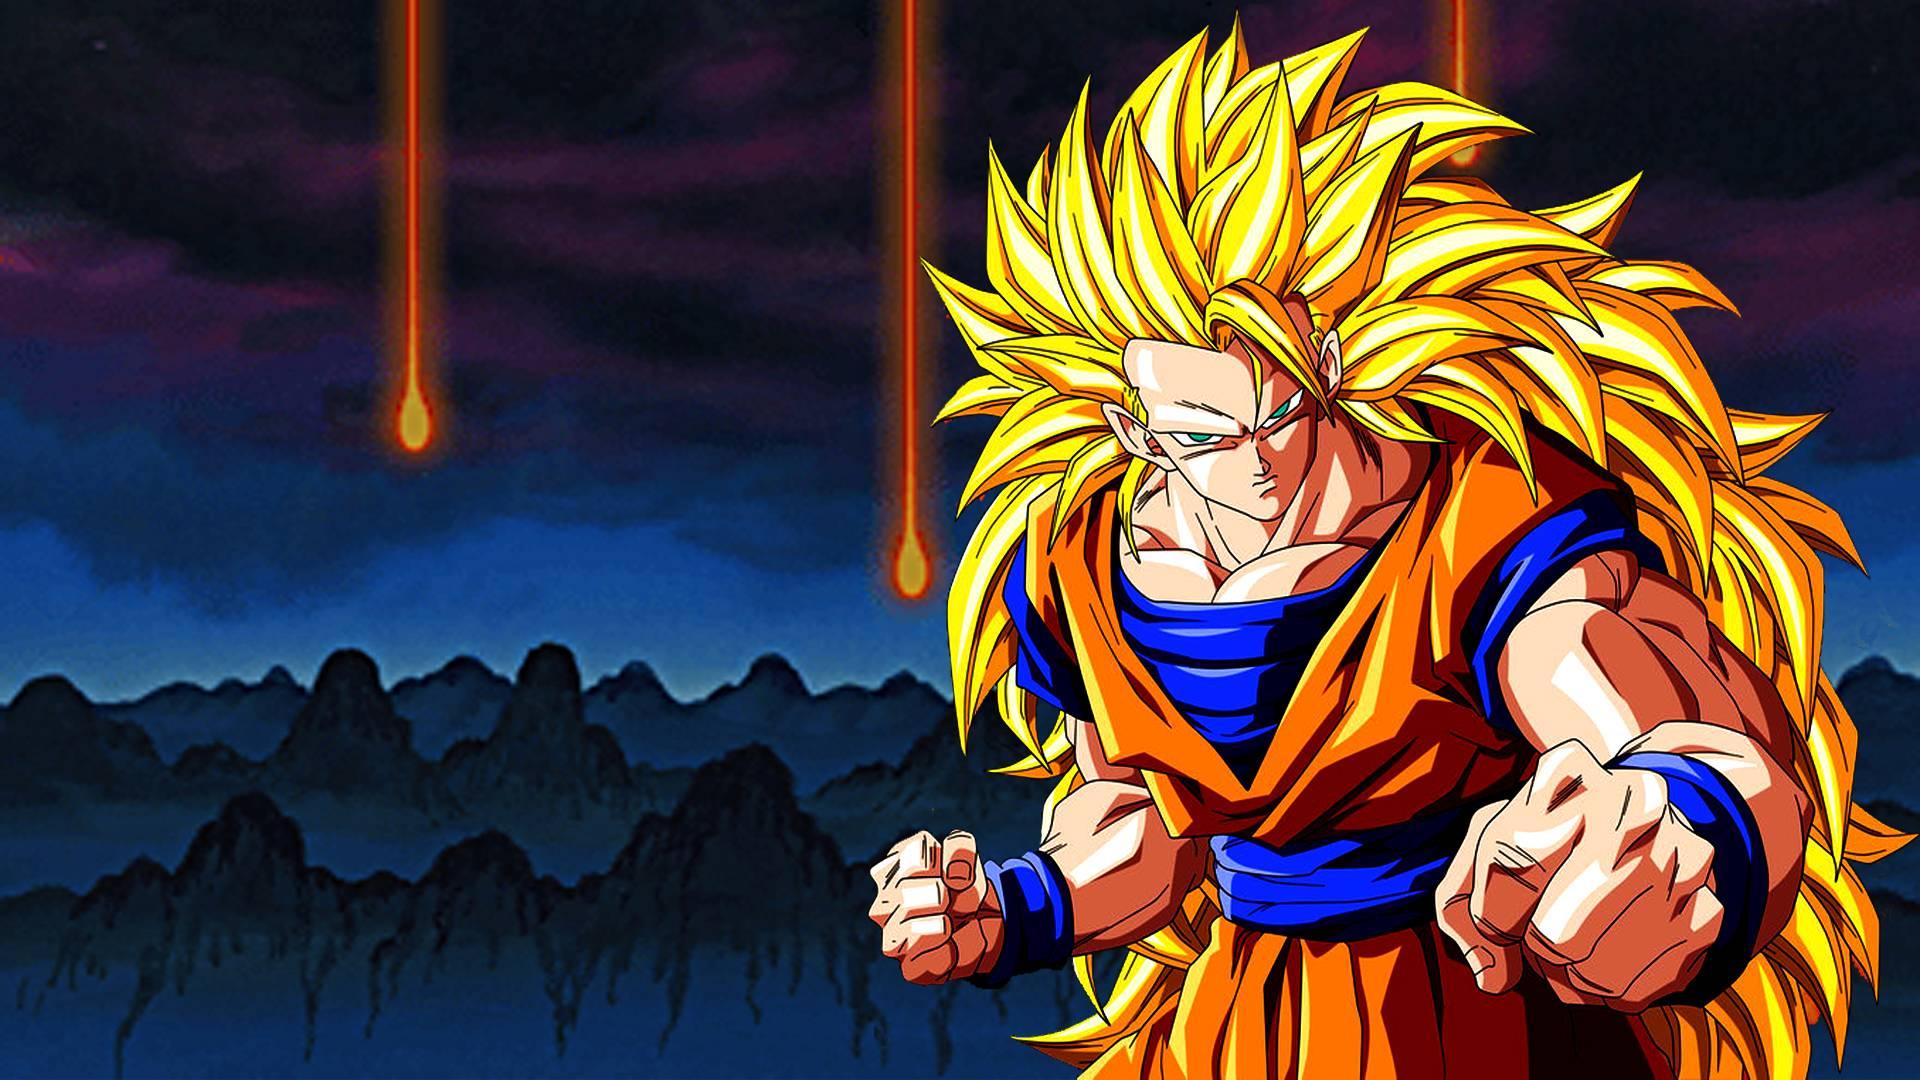 Best Goku Wallpapers Group (74+)